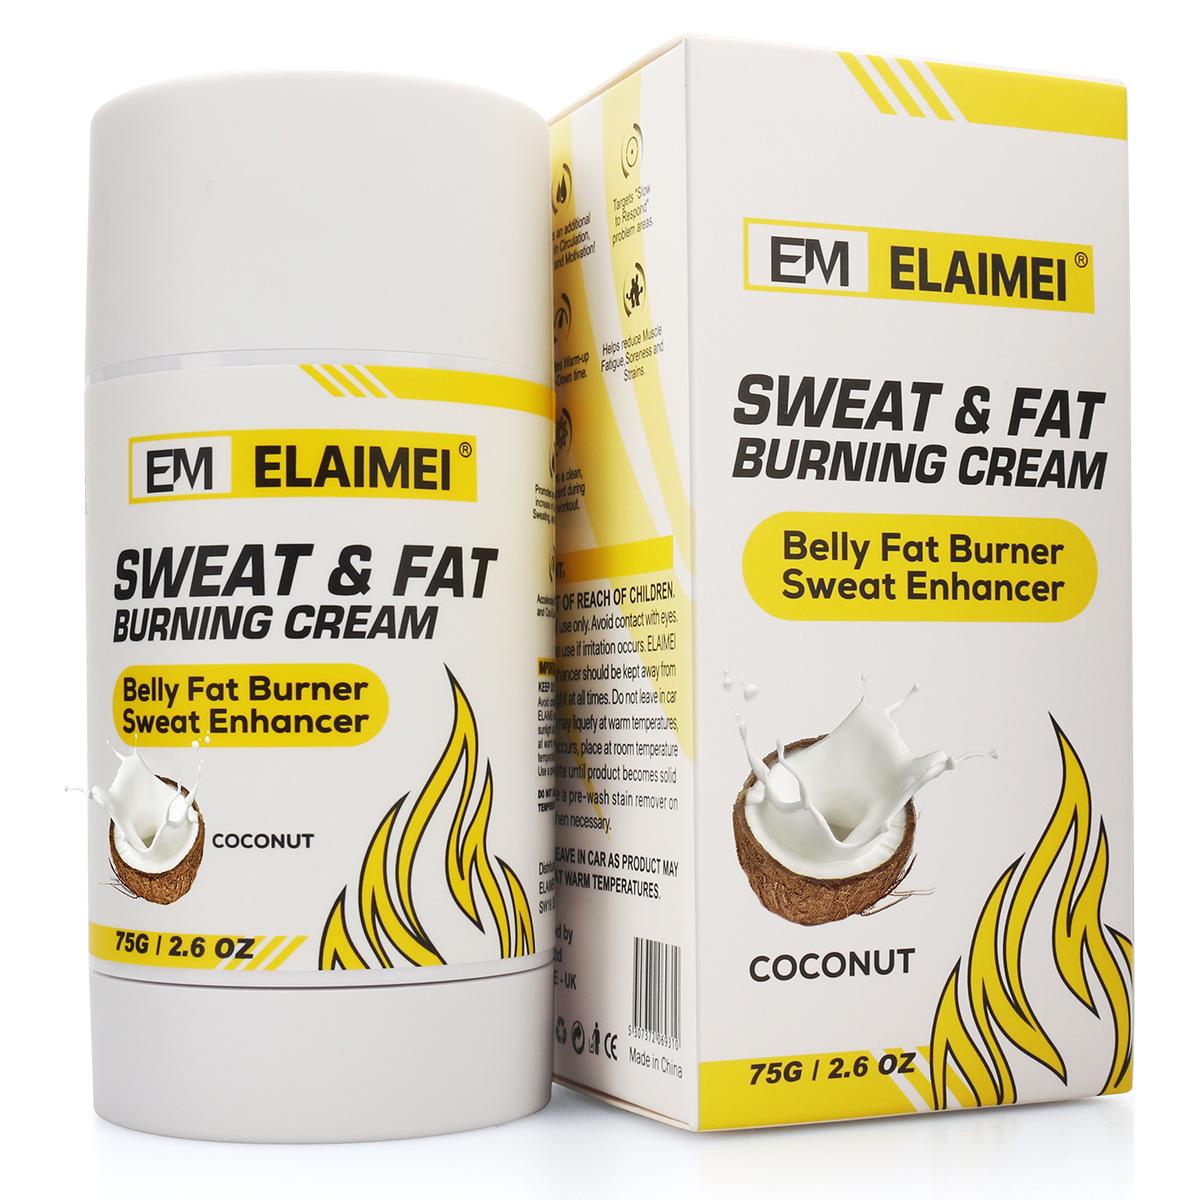 fat burner enhancer)